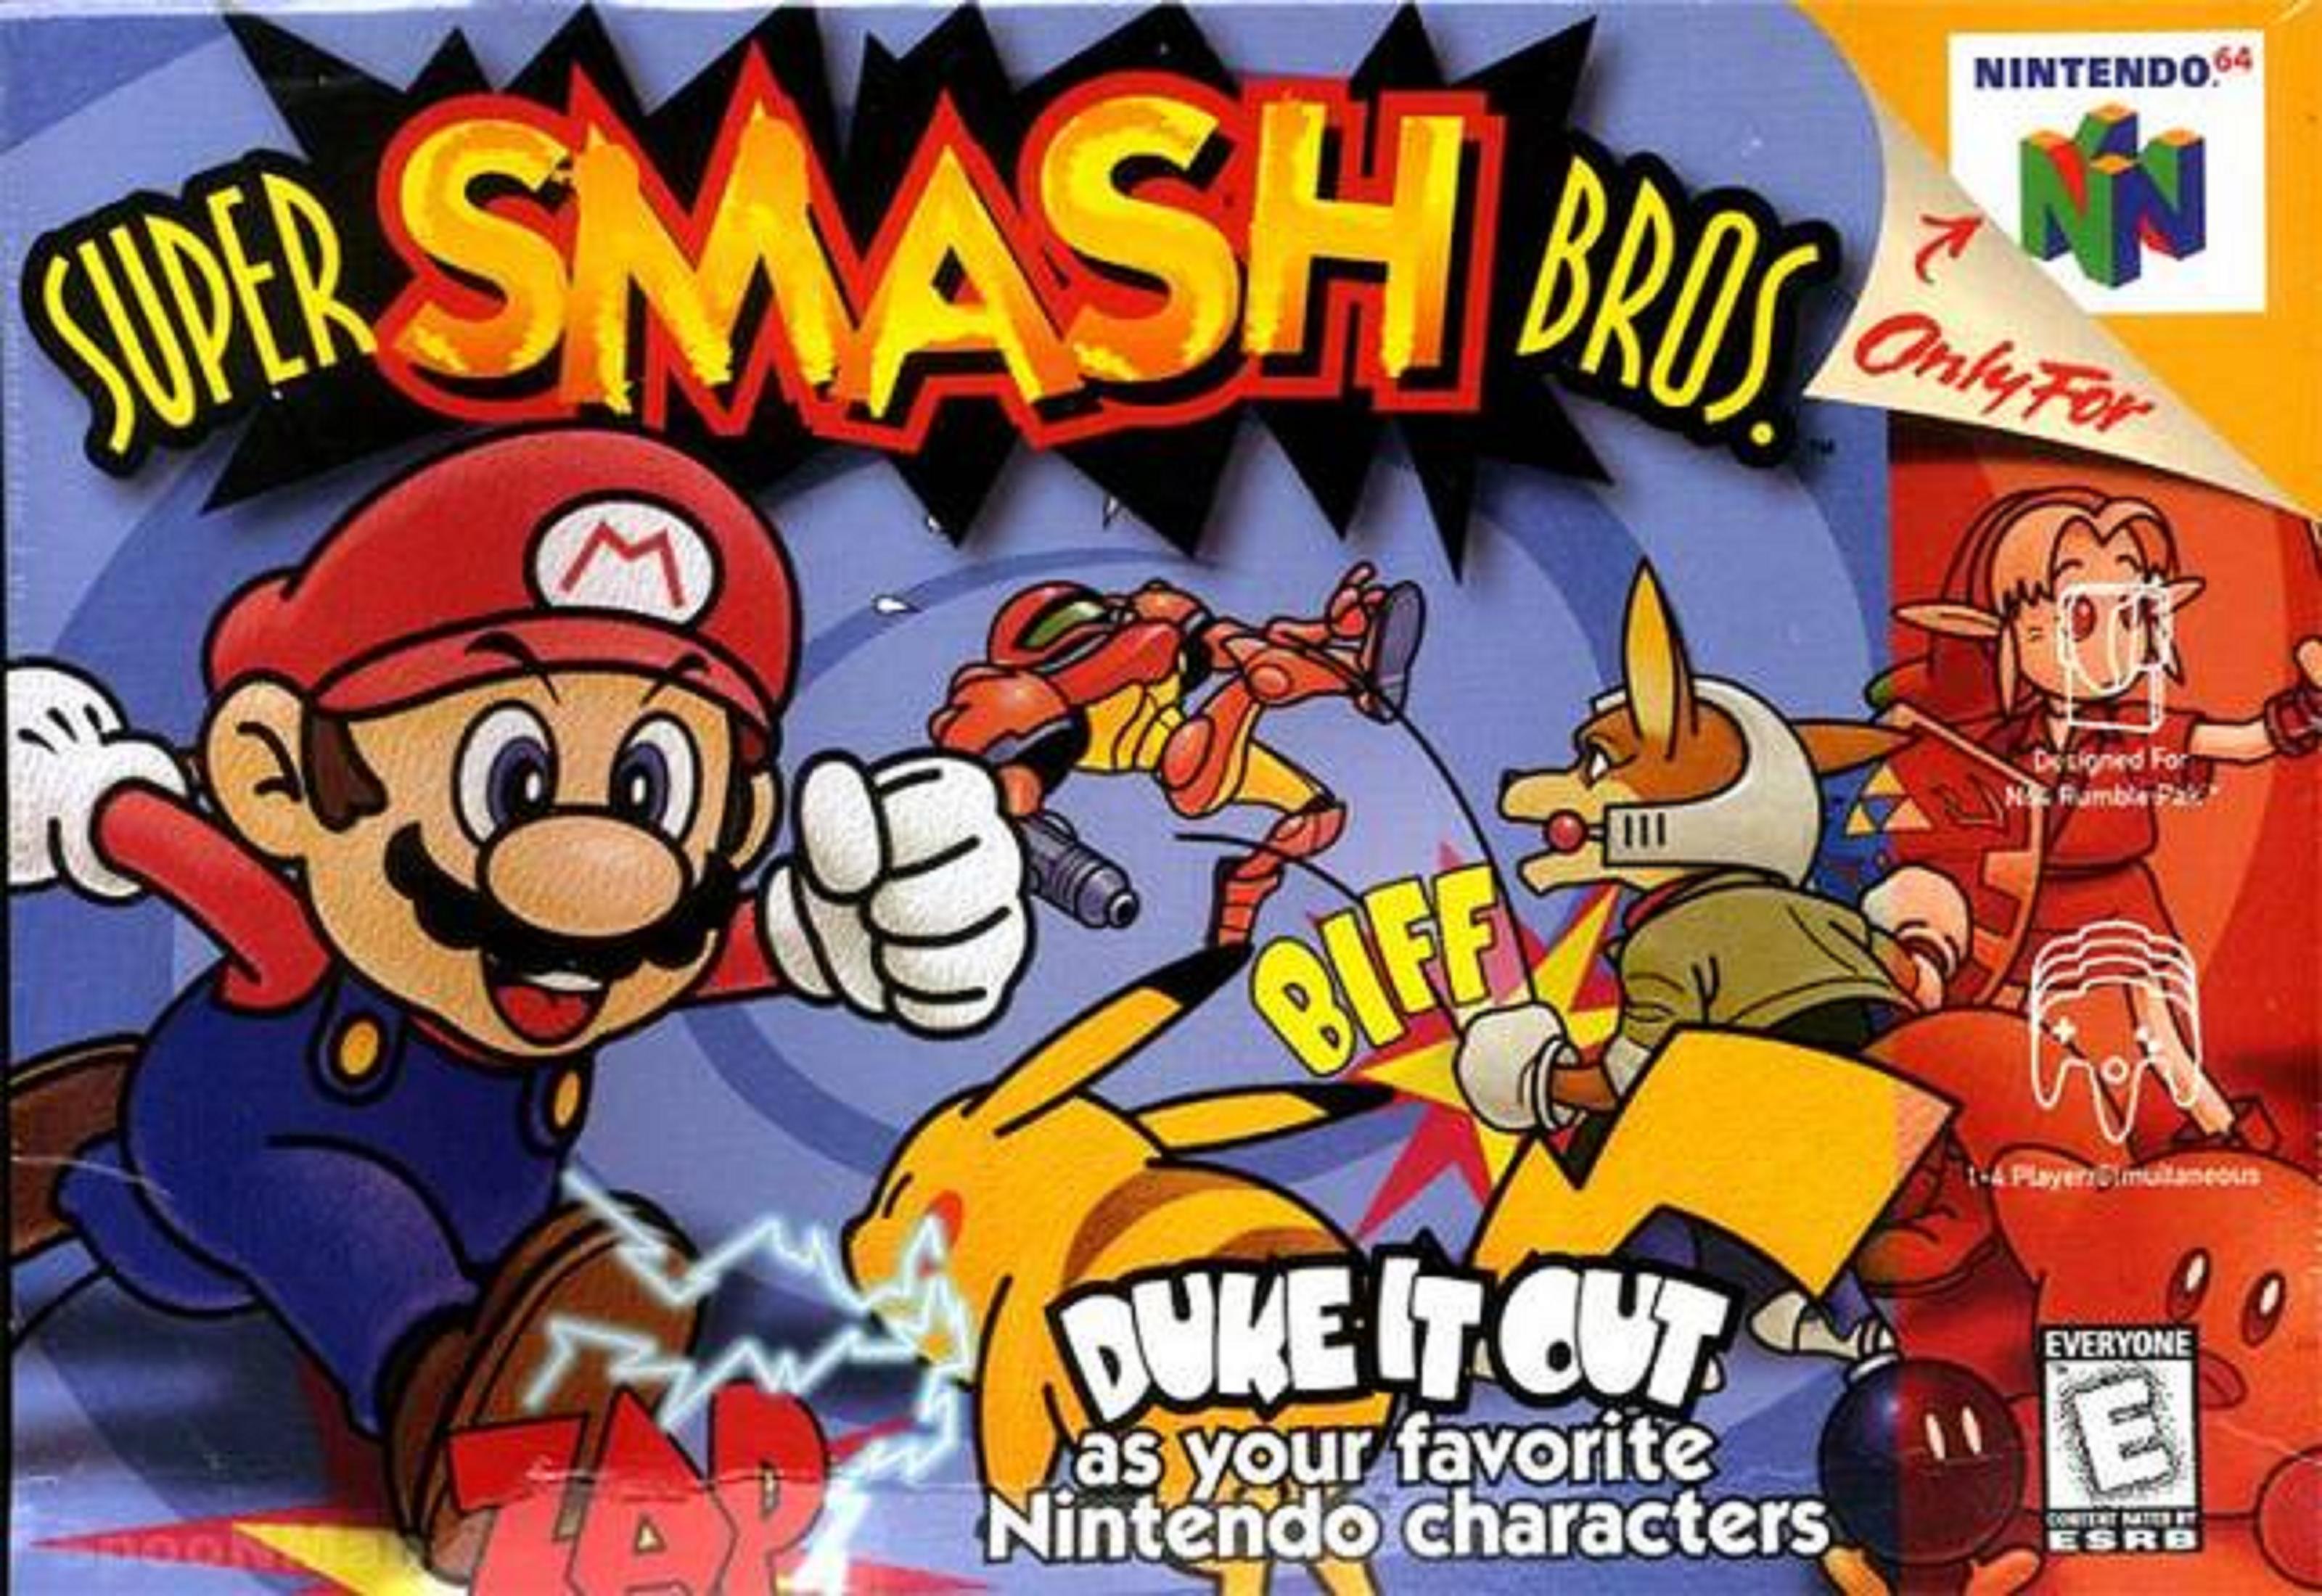 Super smash flash 4 full version download